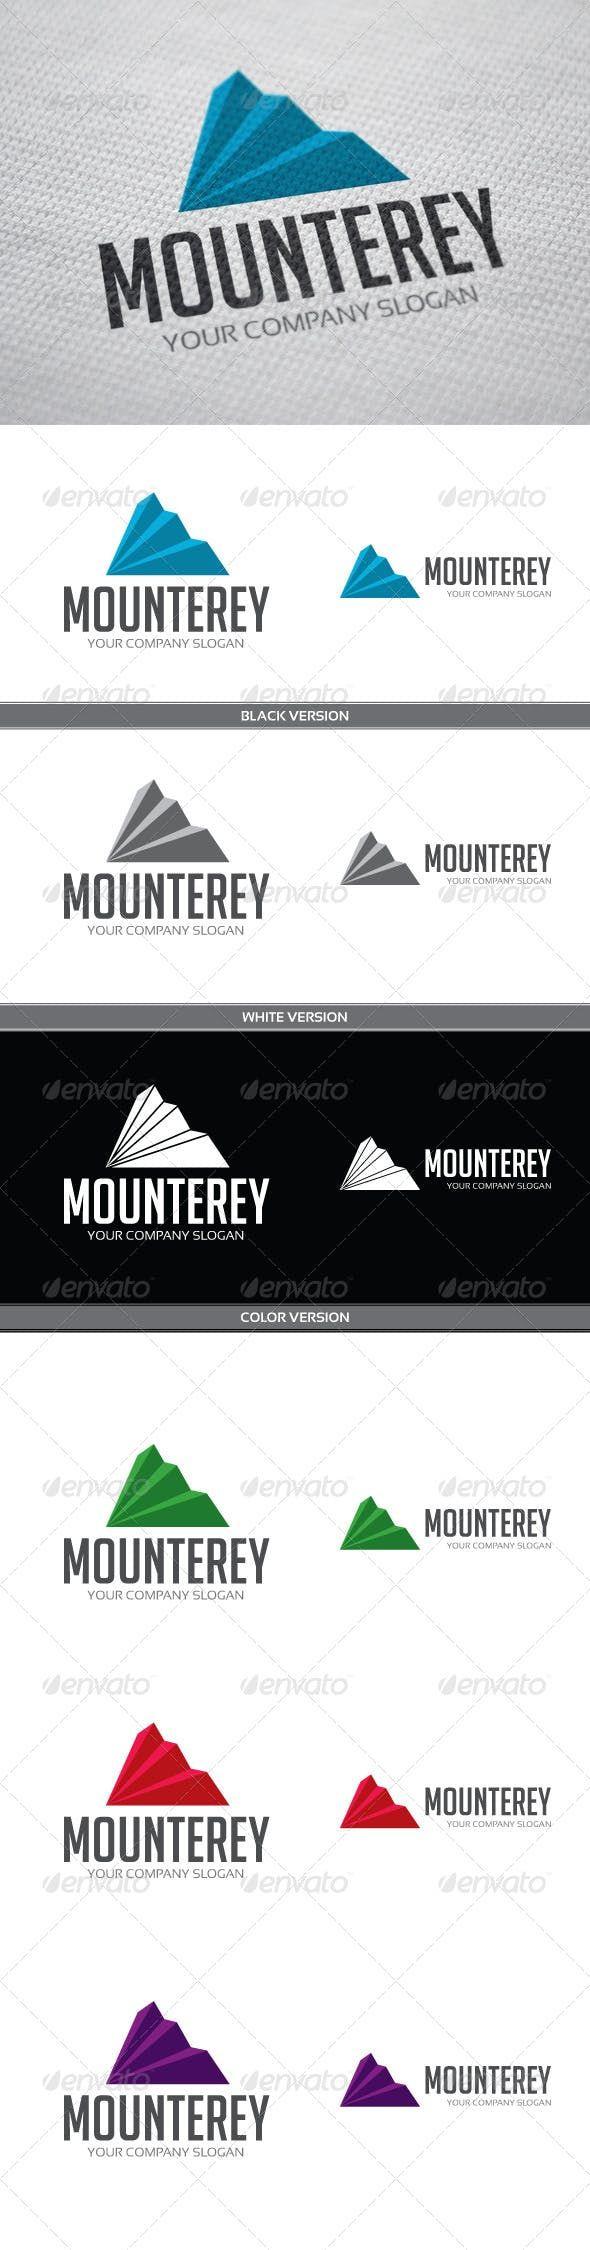 Mounterey — Vector EPS purple increase Logo design